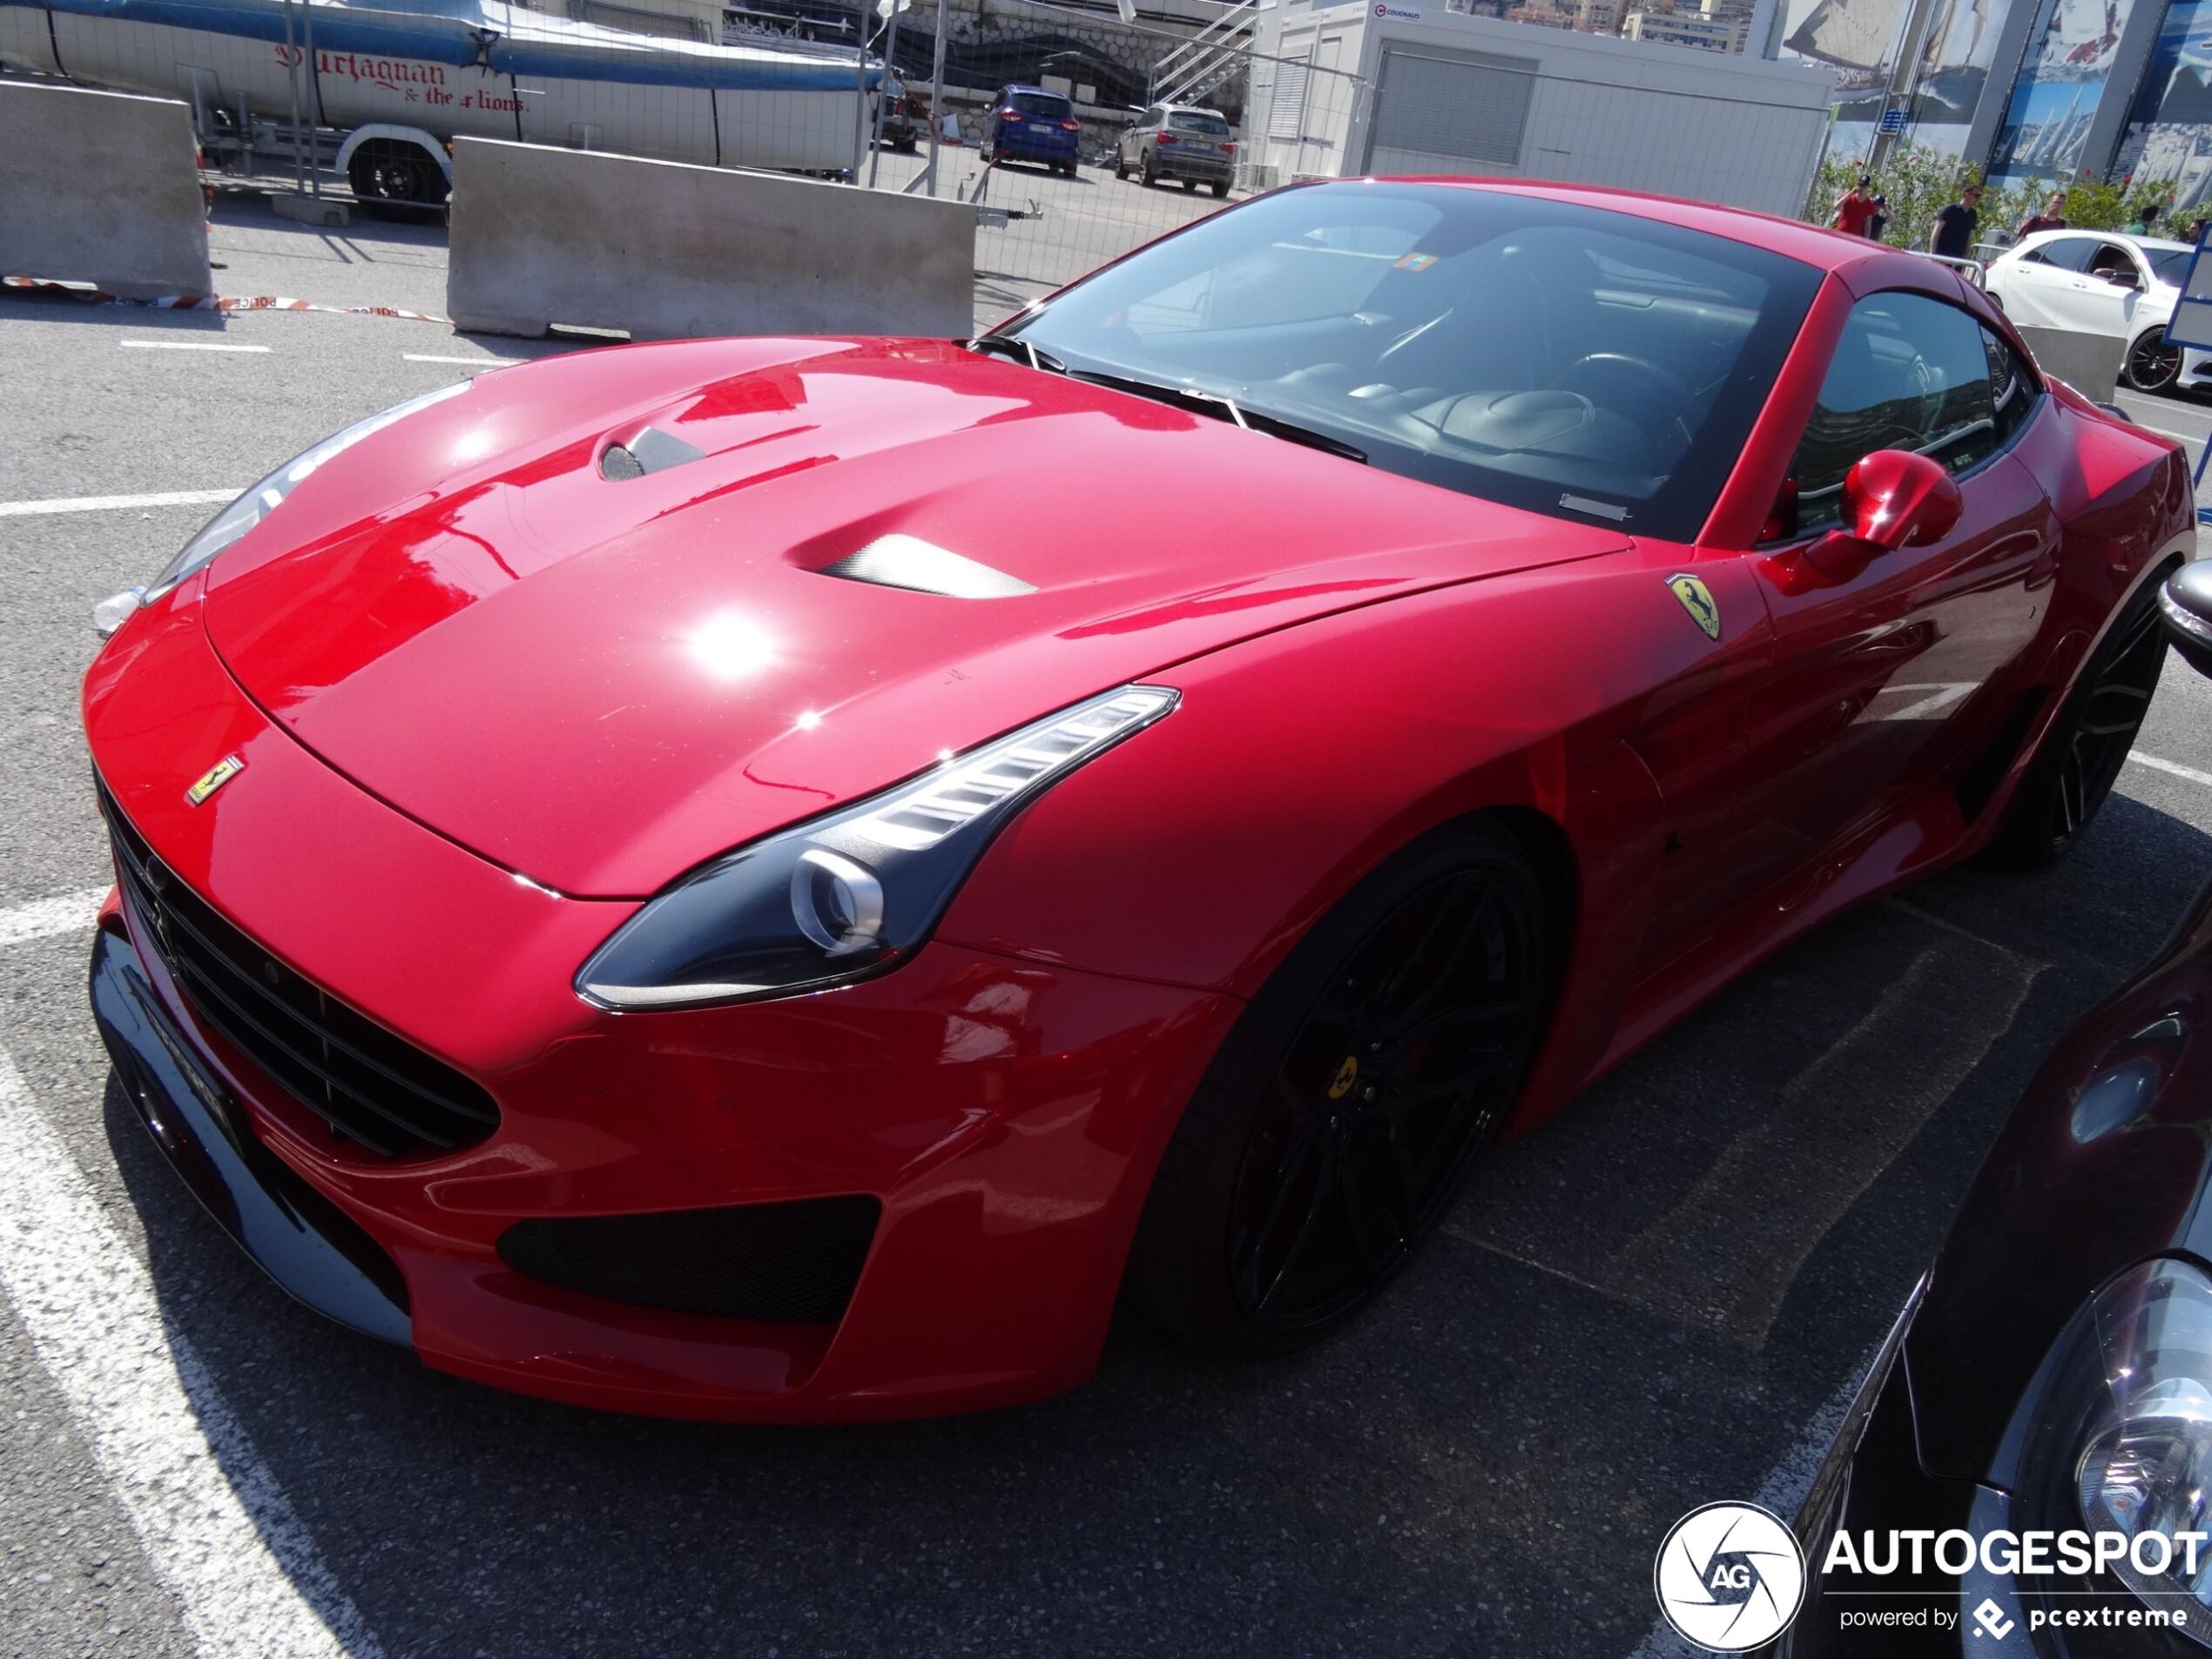 Ferrari California T Novitec Rosso N-Largo - 25 March 2020 ...